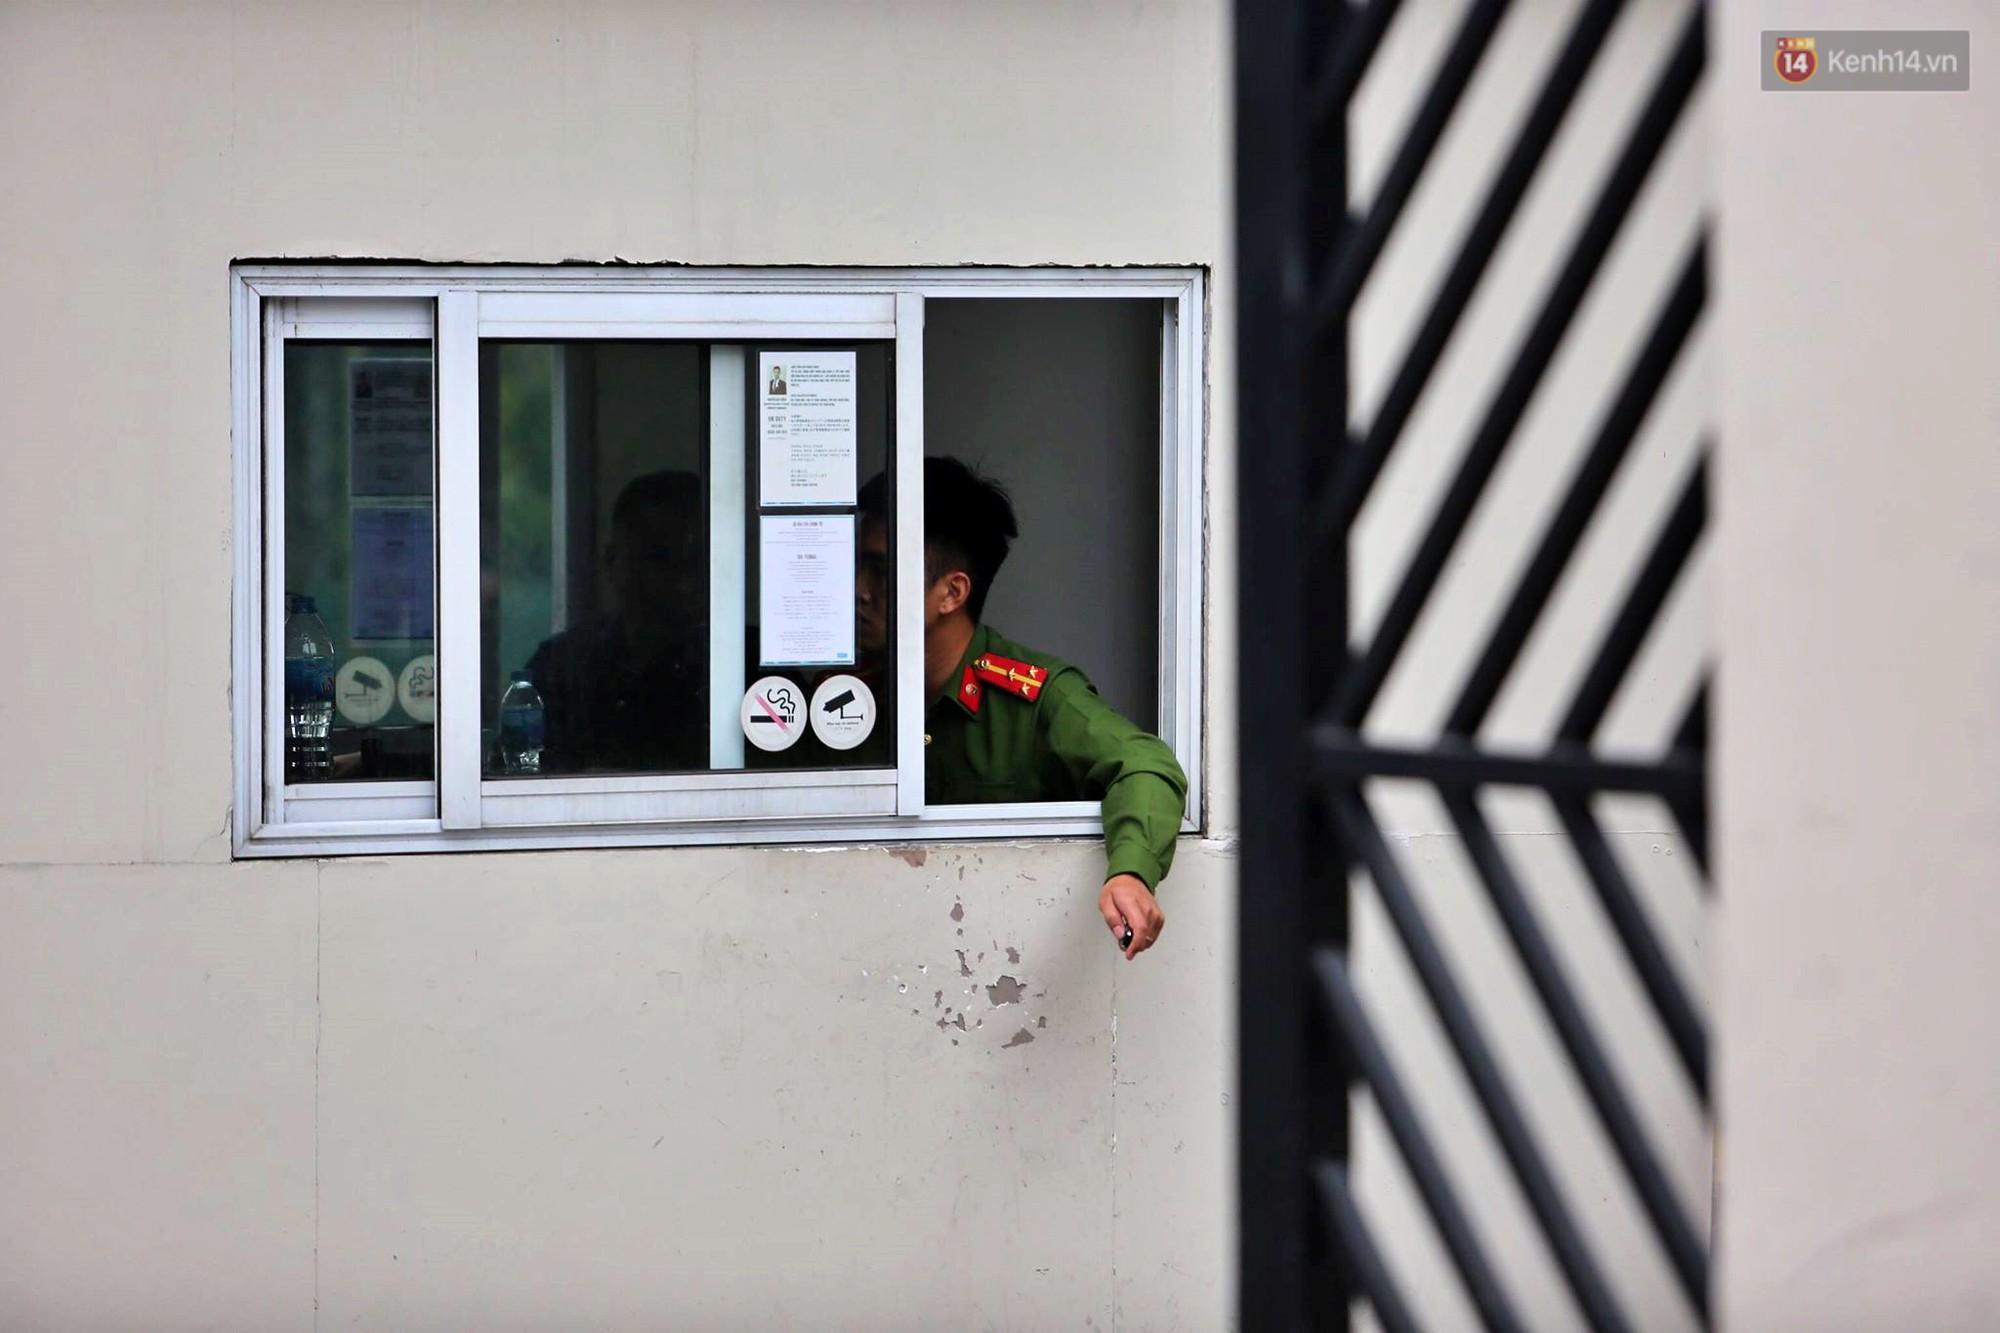 Nóng: Sau khi thu giữ nhiều thùng giấy tại cửa hàng Nhật Cường mobile, Công an phong tỏa chung cư Golden Westlake để tiếp tục khám xét - Ảnh 8.